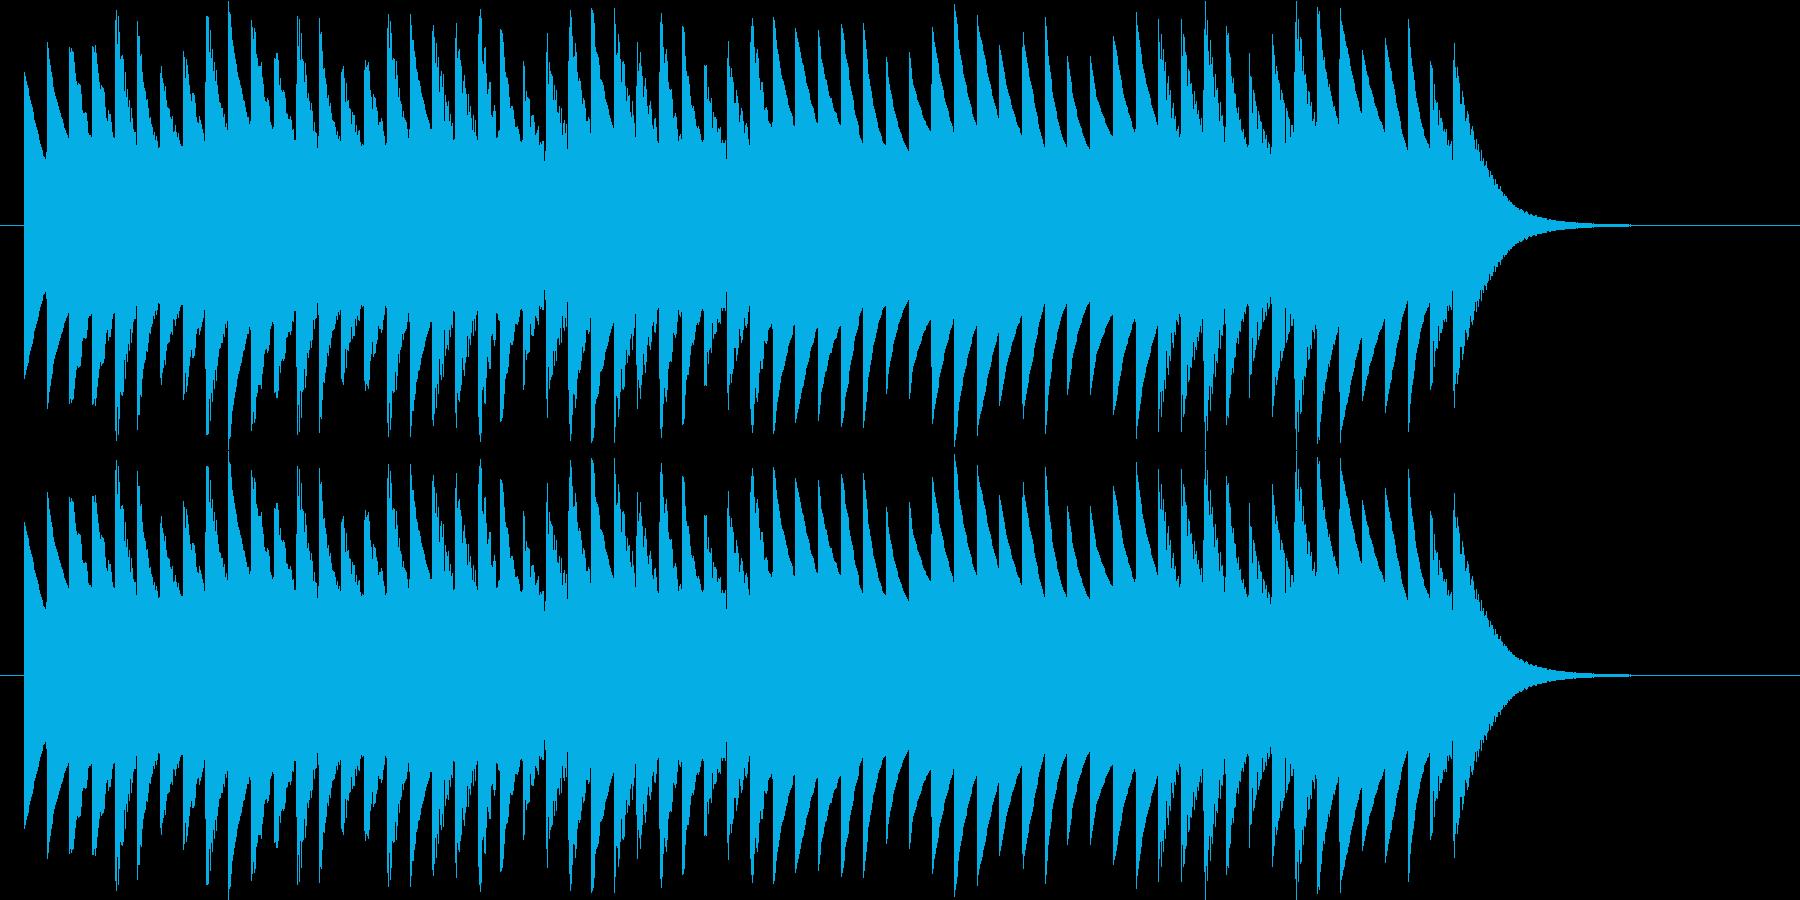 推理しているシーンです。の再生済みの波形